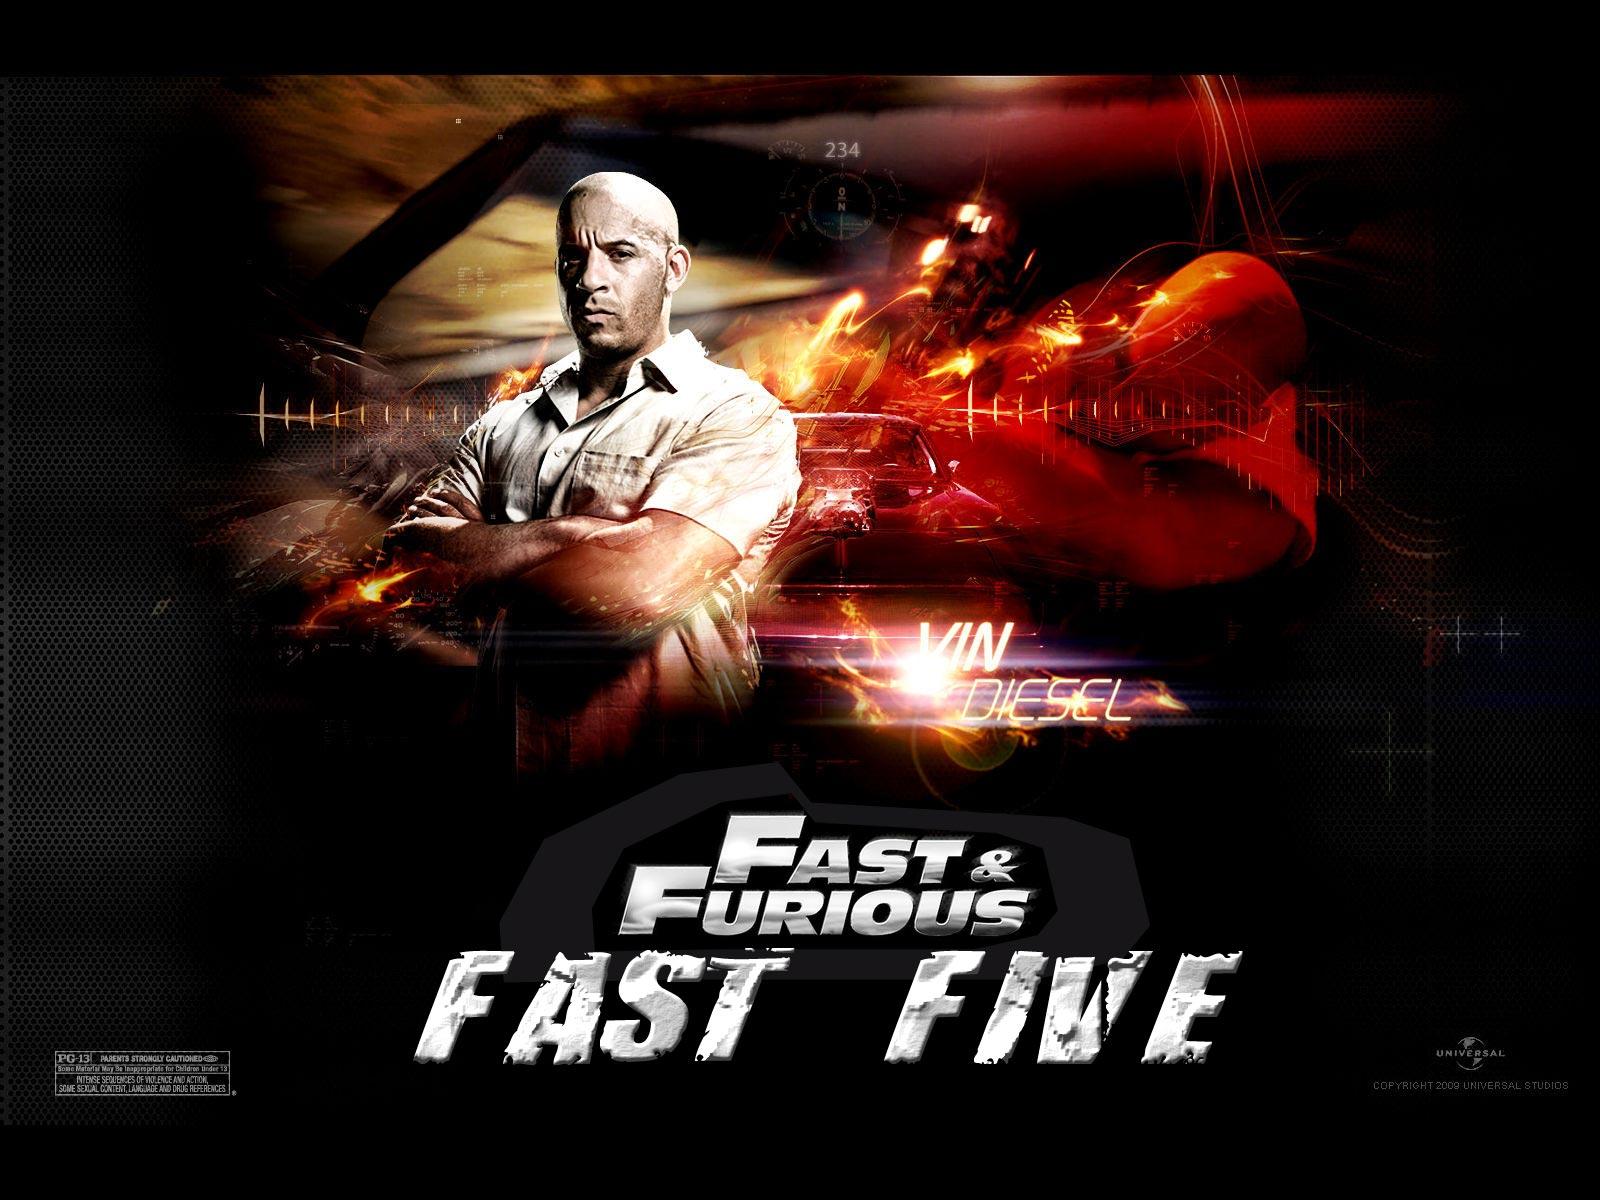 http://3.bp.blogspot.com/-MXF26Ra_FvE/TWSzRFbvHEI/AAAAAAAAAEg/ZDi5cAdUGvs/s1600/fast_and_furious_5_fast_five_wallpaper.jpg